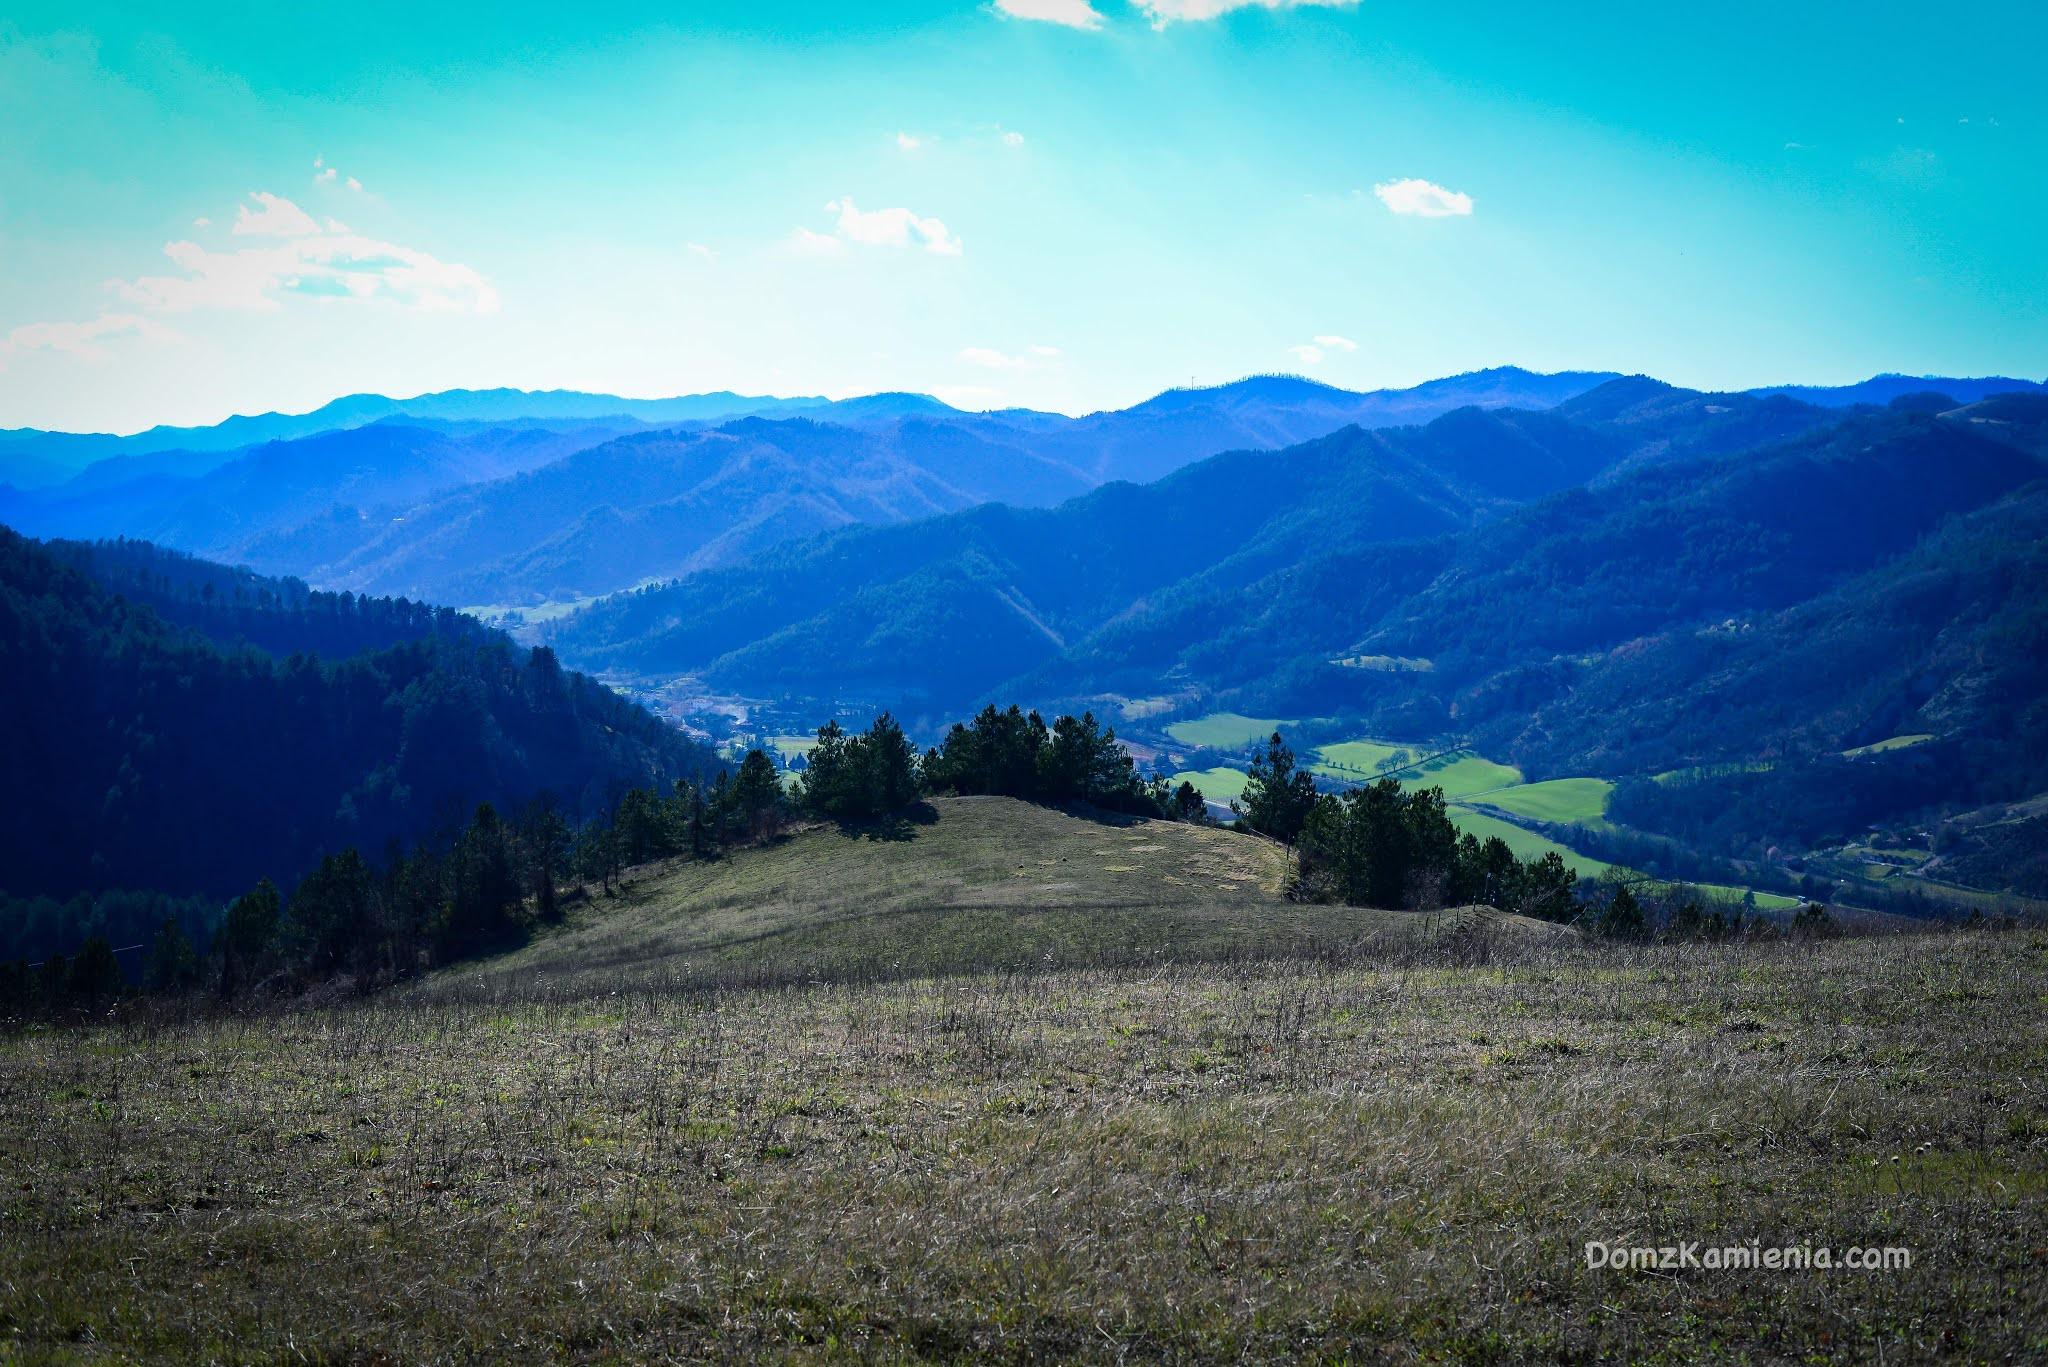 Dom z Kamienia blog o życiu we Włoszech, Marradi